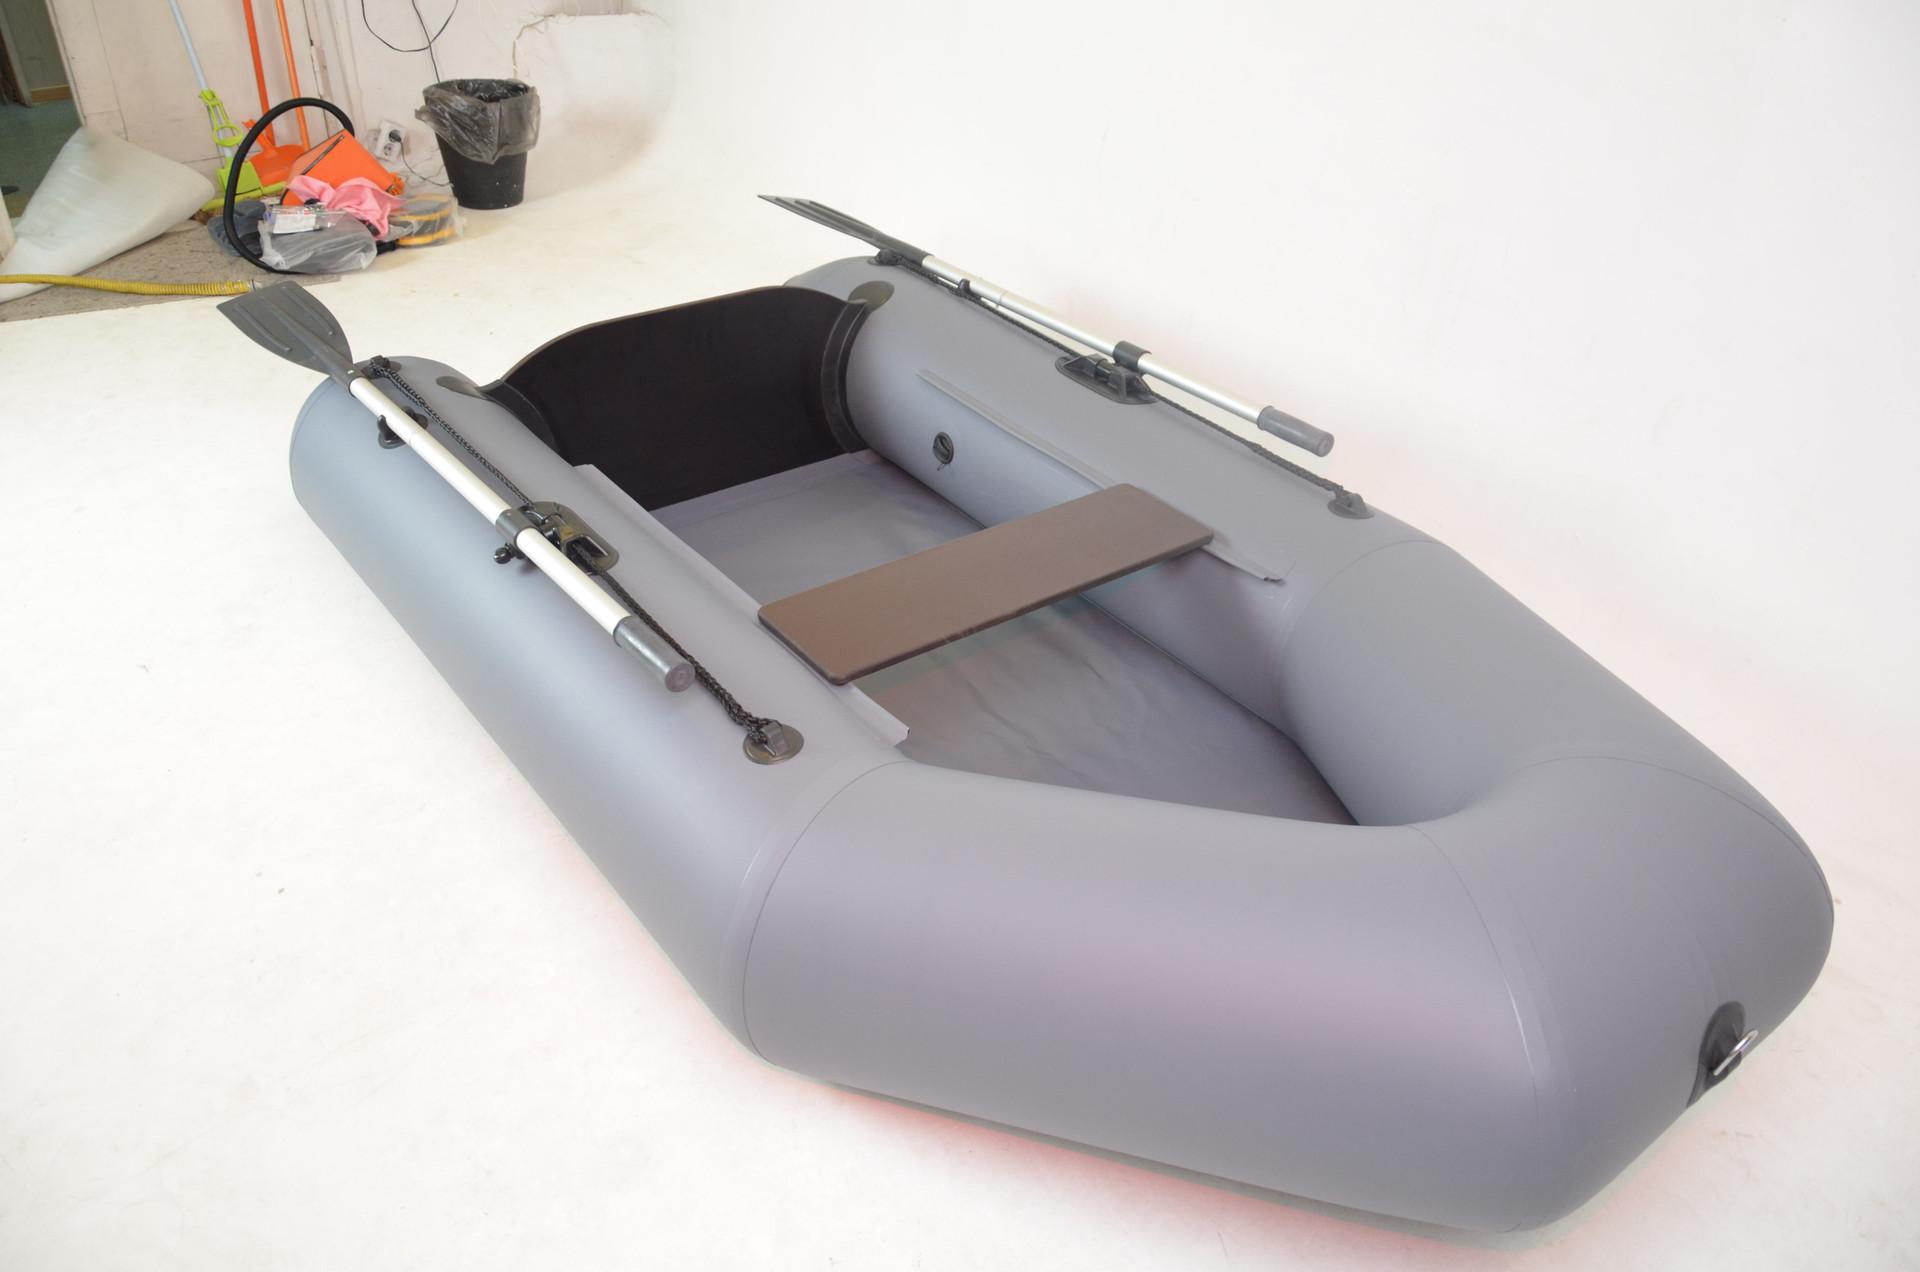 лодка легион 240 или Арчер?